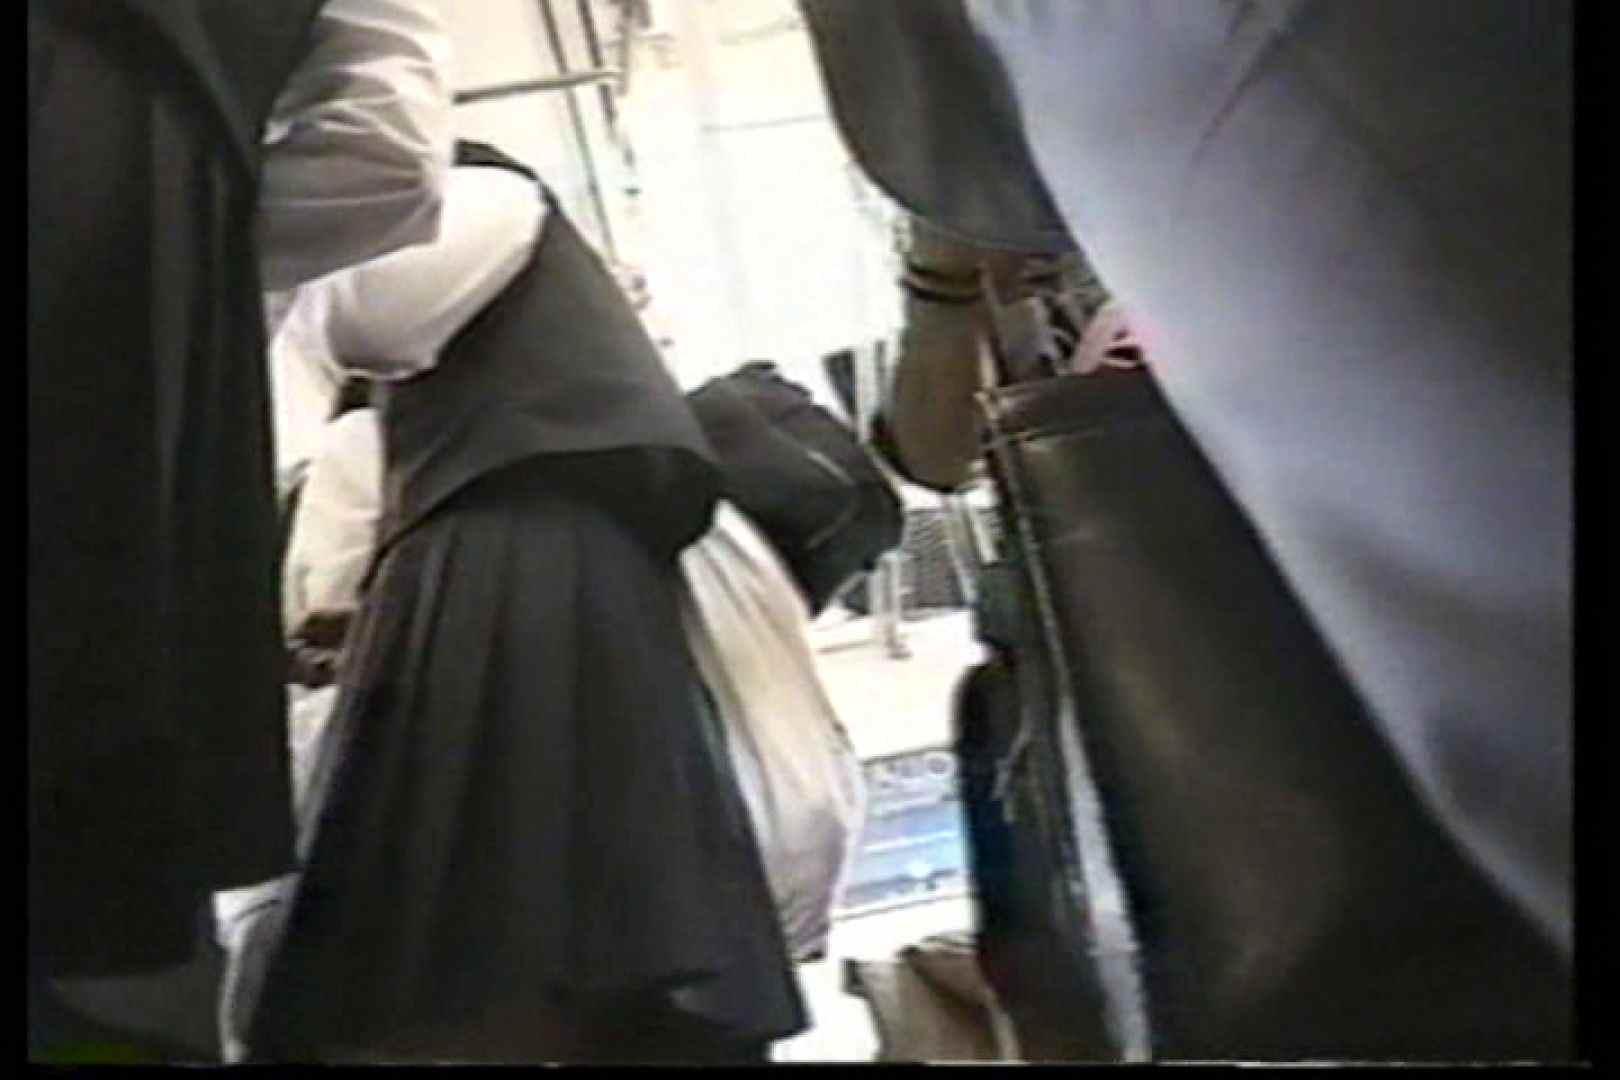 女子大生 夏服に替えれば下着も替わる モッコリを目で感触 TK-77 女子大生  73画像 40